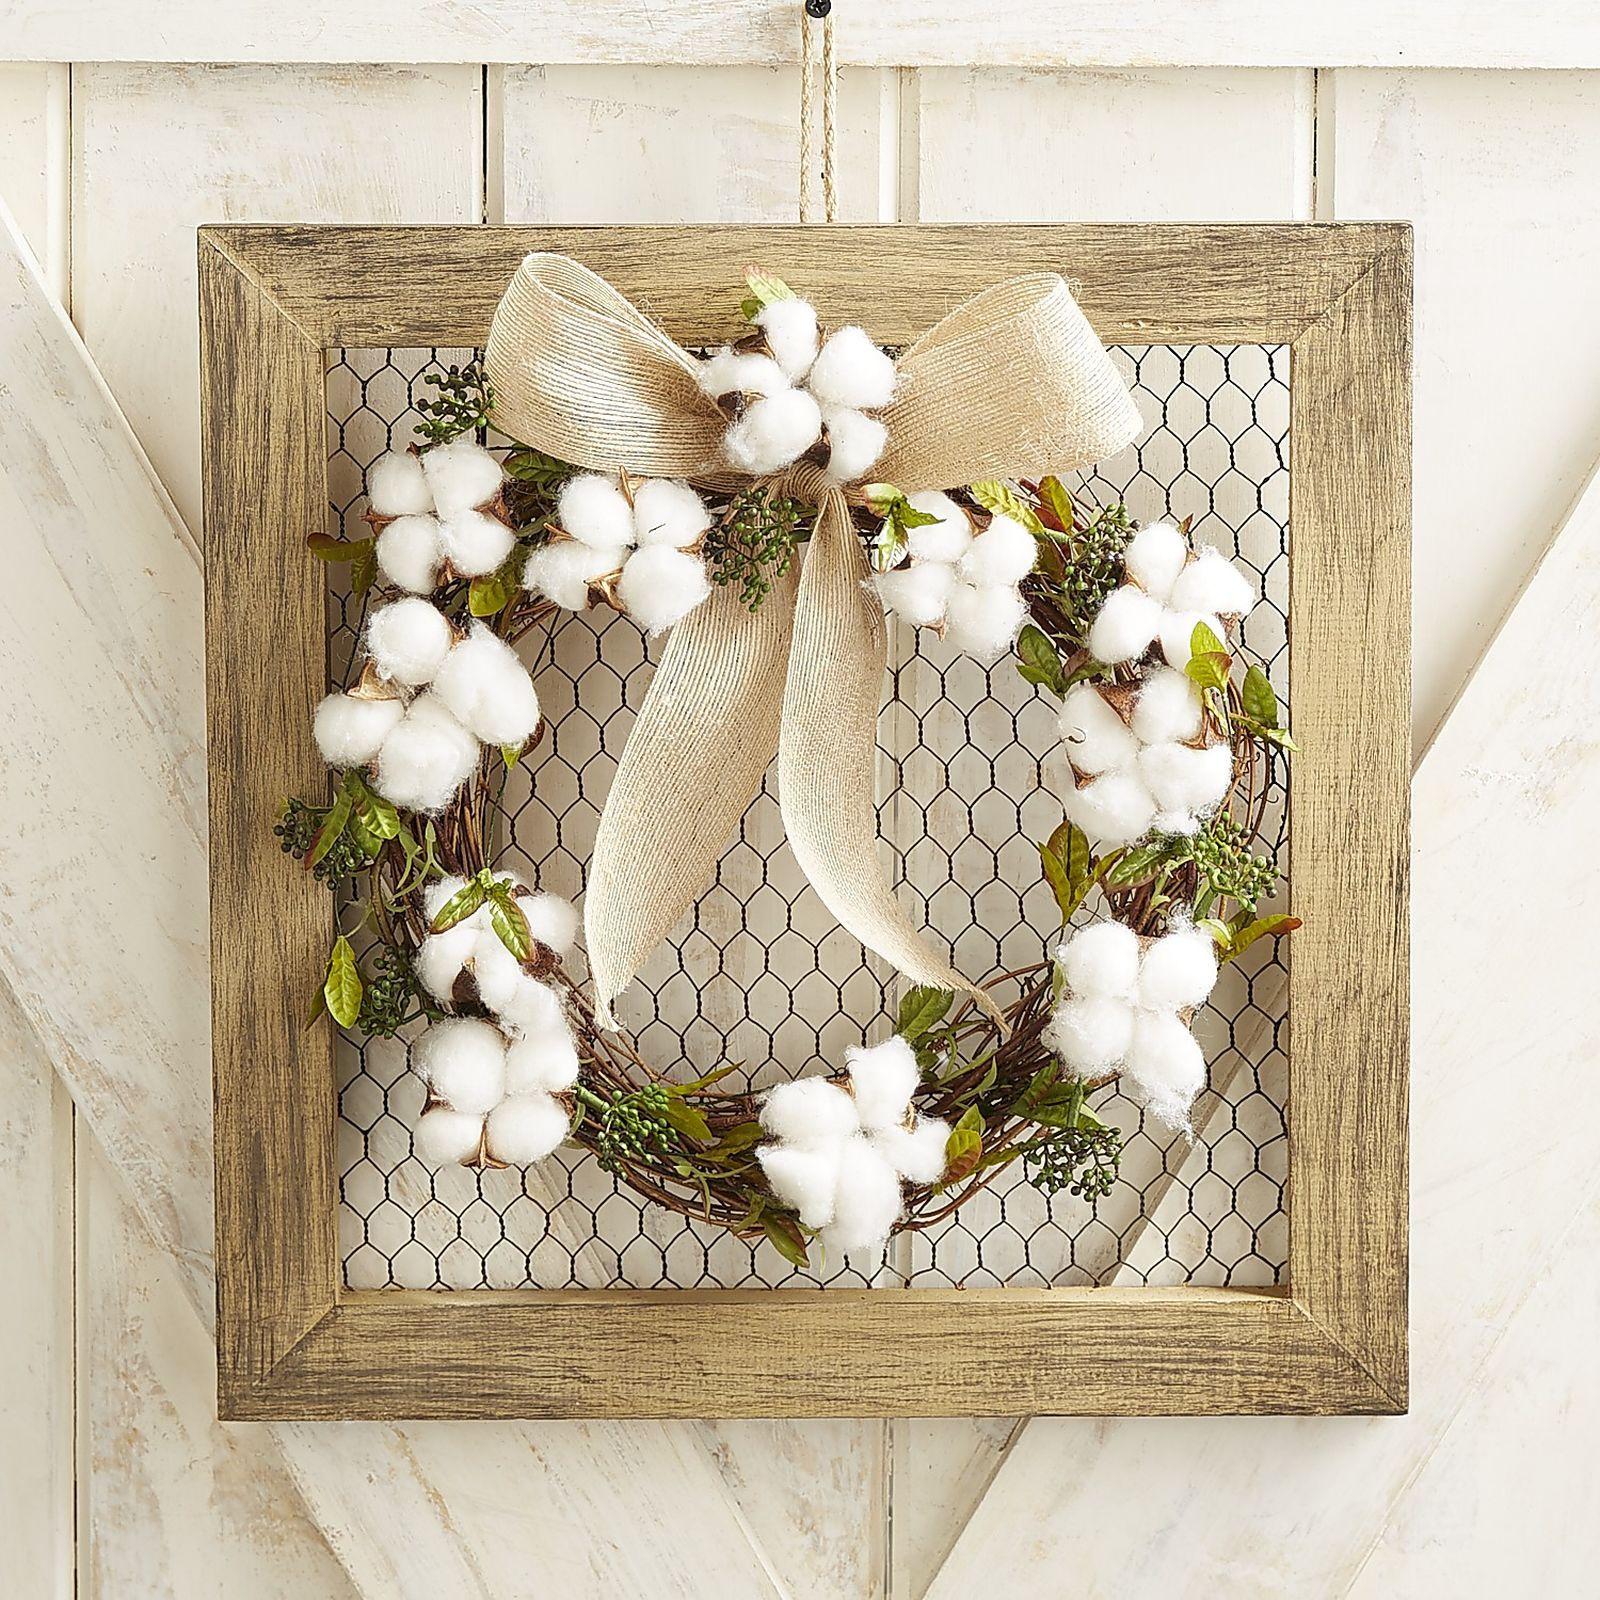 Cotton Chicken Wire Framed Door Hanger Wreath Pier 1 Imports Chicken Wire Crafts Chicken Wire Frame Picture Frame Crafts